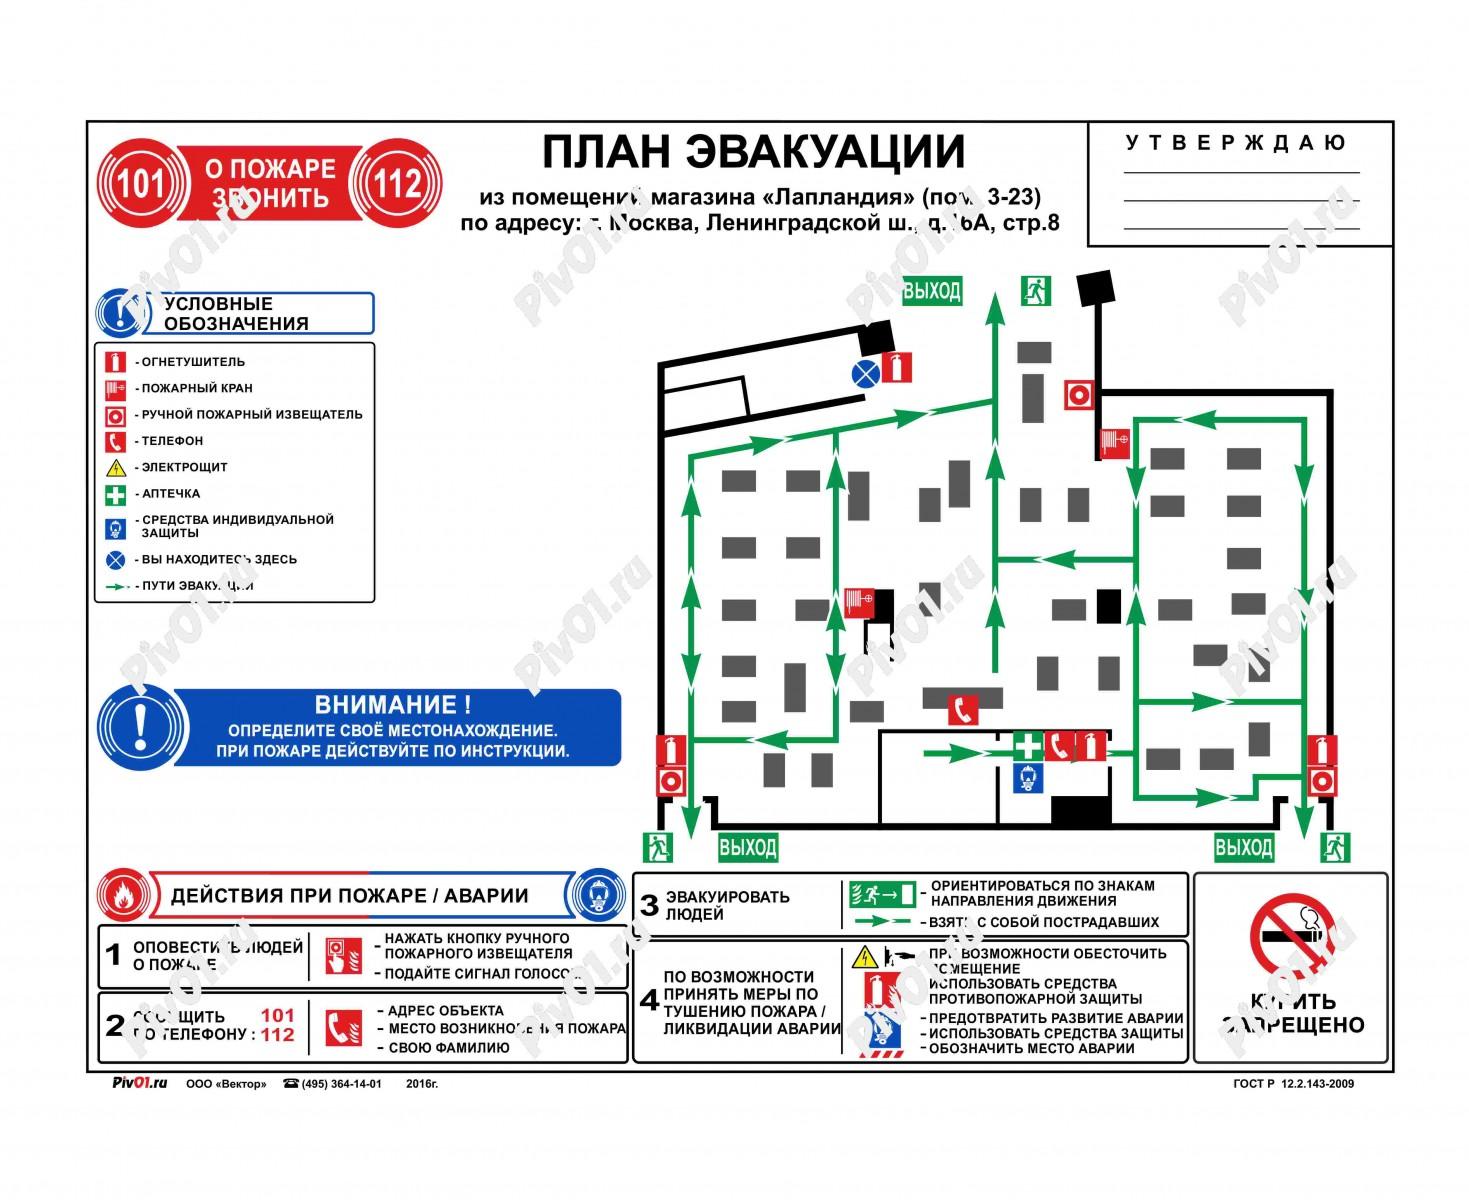 фото план эвакуации